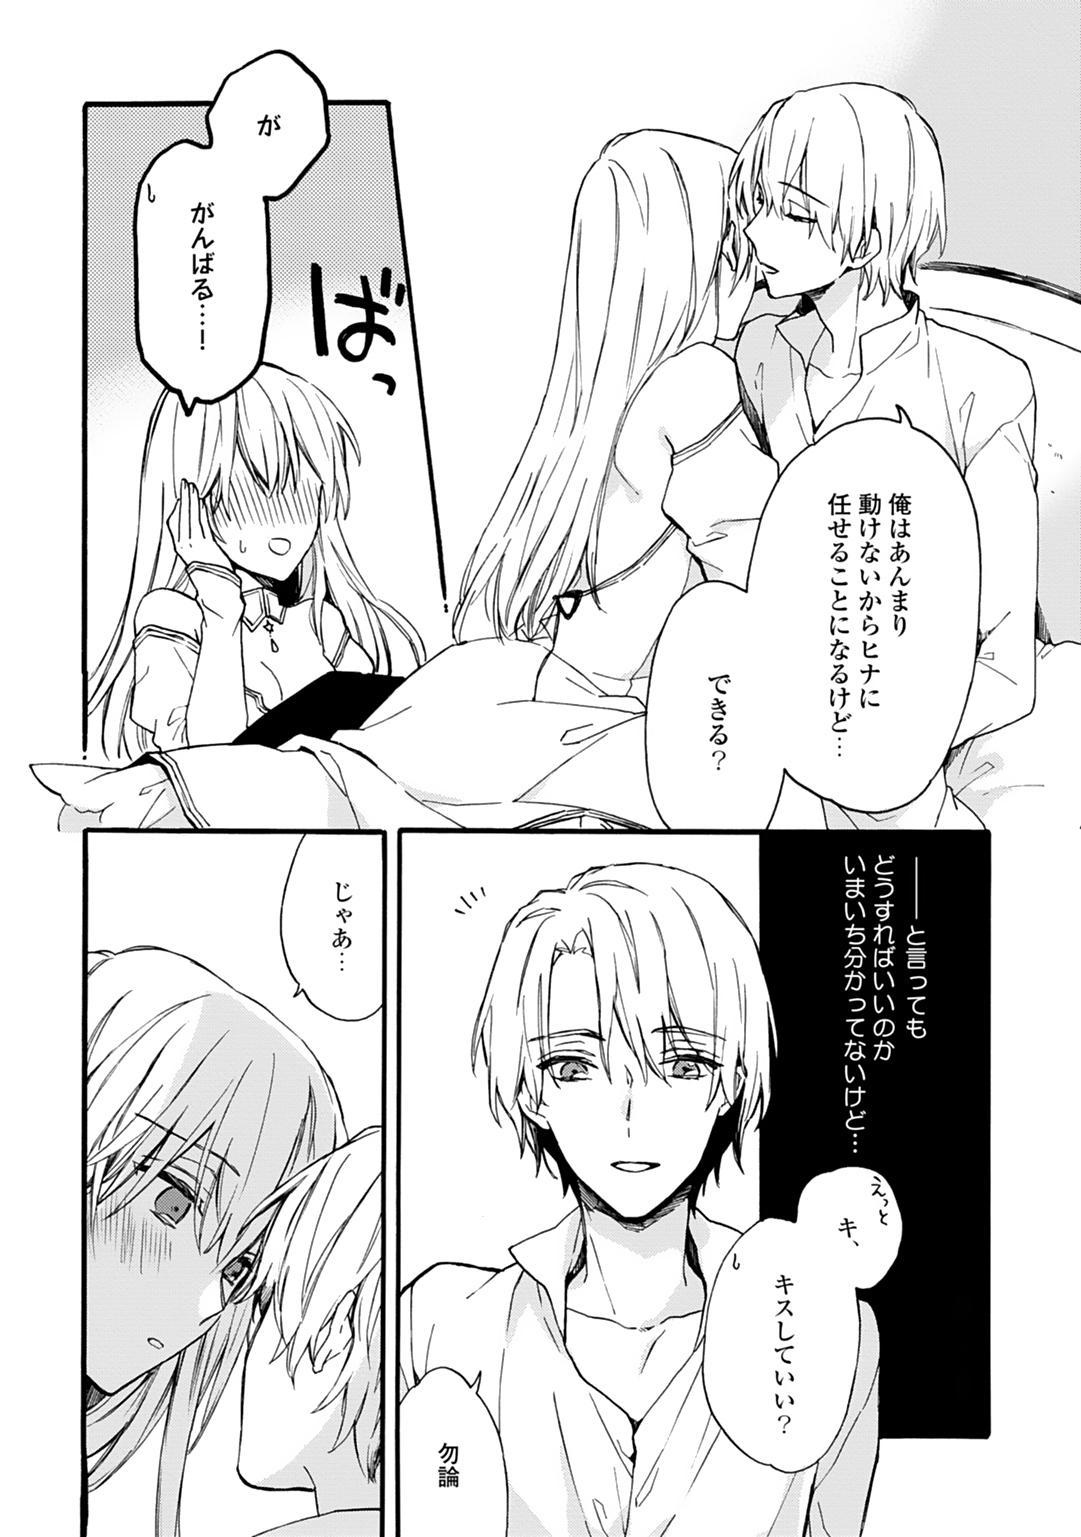 [Suzushiro Nerita] Otomege (18-kin) de Nyotaika shita Ore wa ~Clear Jouken wa Dekiai Ecchi!?~ 1-2 48